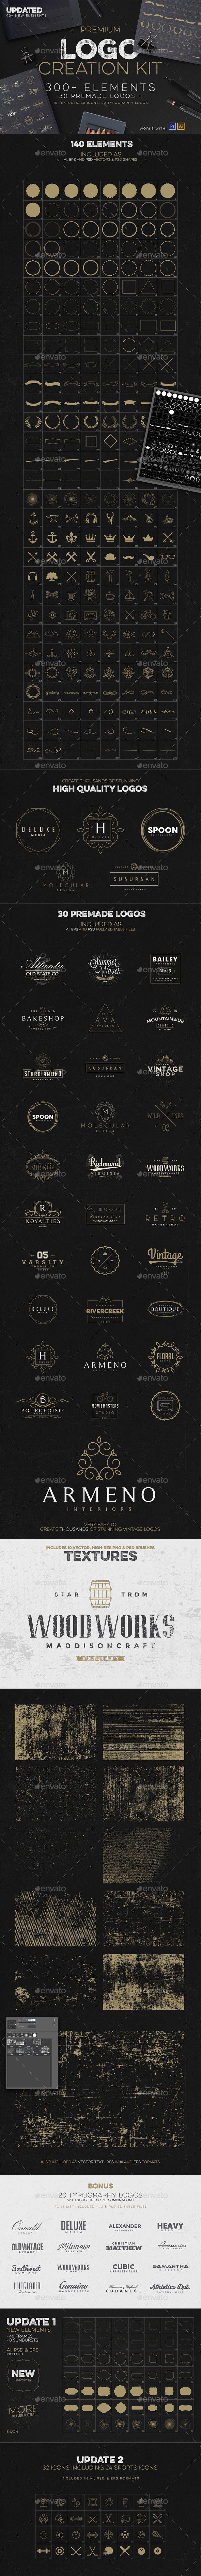 Logo Creation Kit + Bonus. Vector EPS, AI and PSD #design Download: http://graphicriver.net/item/logo-creation-kit-bonus/14461253?ref=ksioks